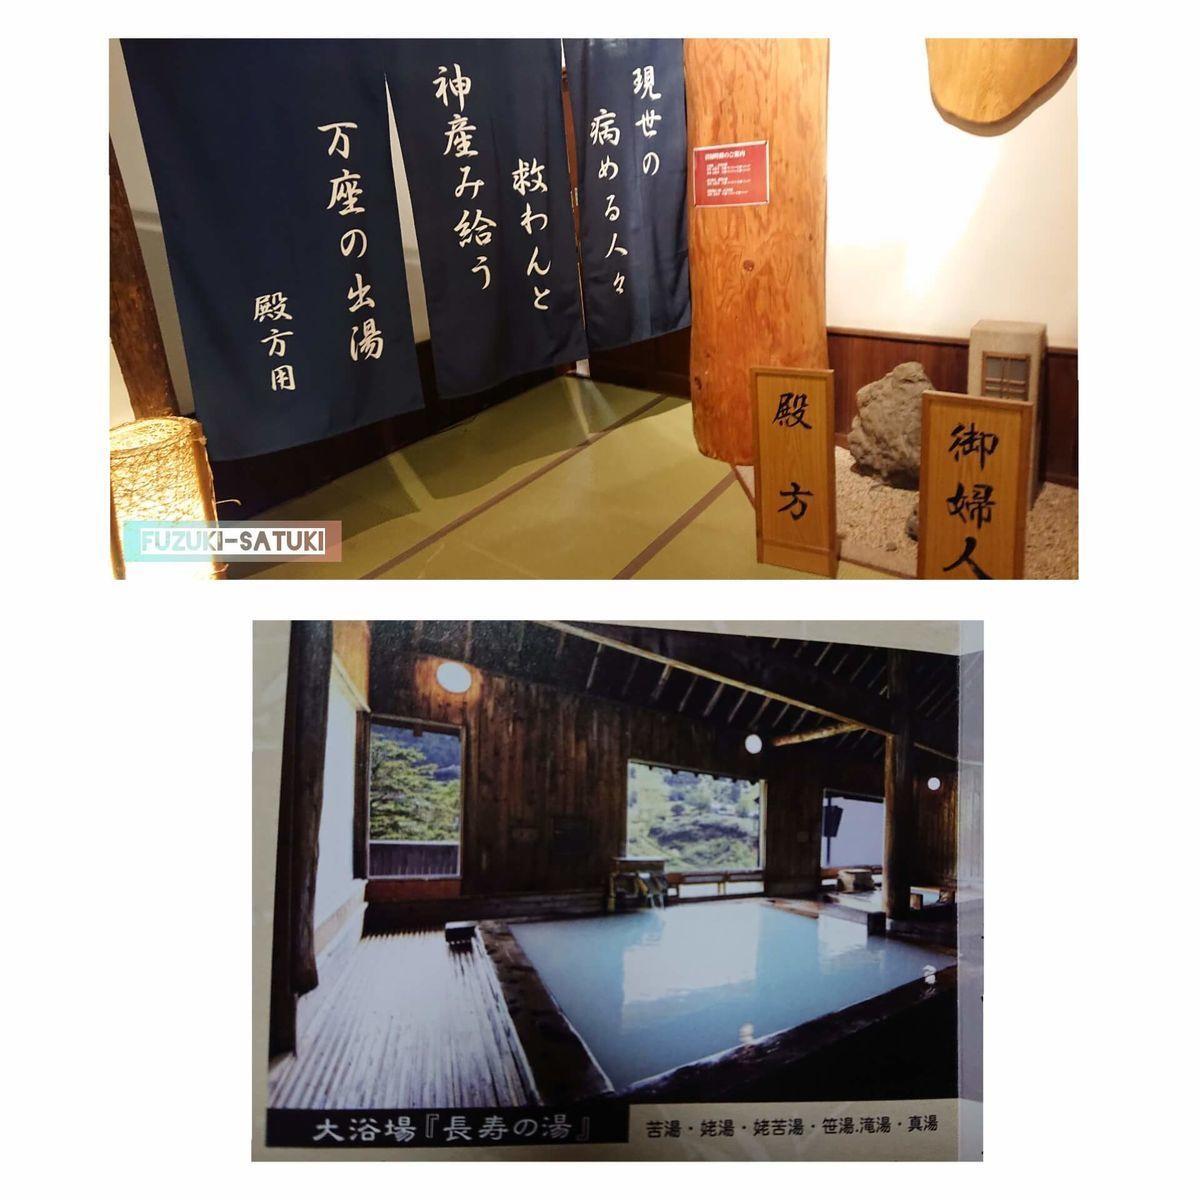 f:id:fuzuki-satuki:20200616010425j:plain